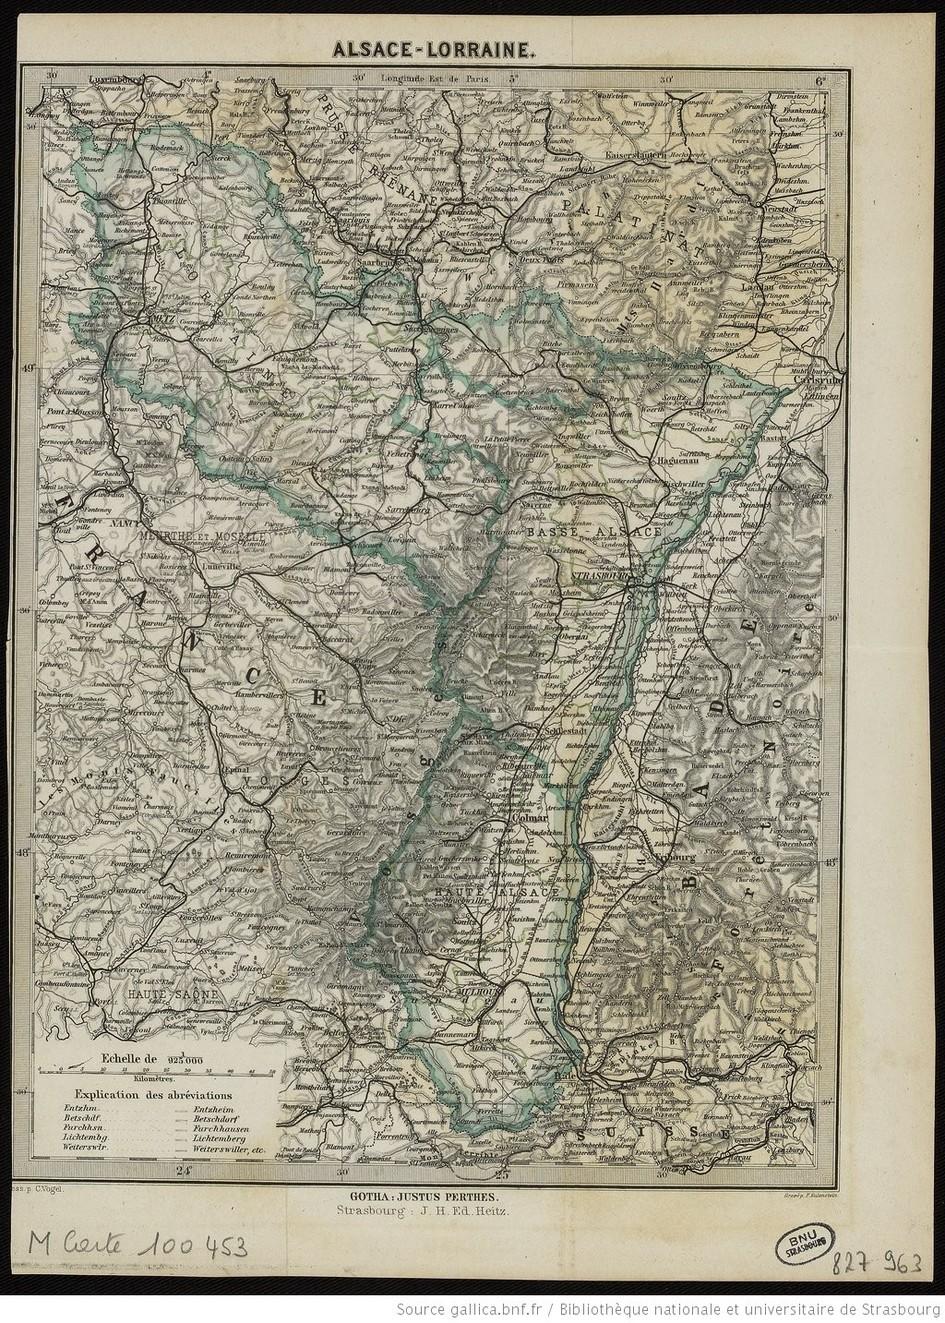 Contenu du La France perd l'Alsace-Lorraine